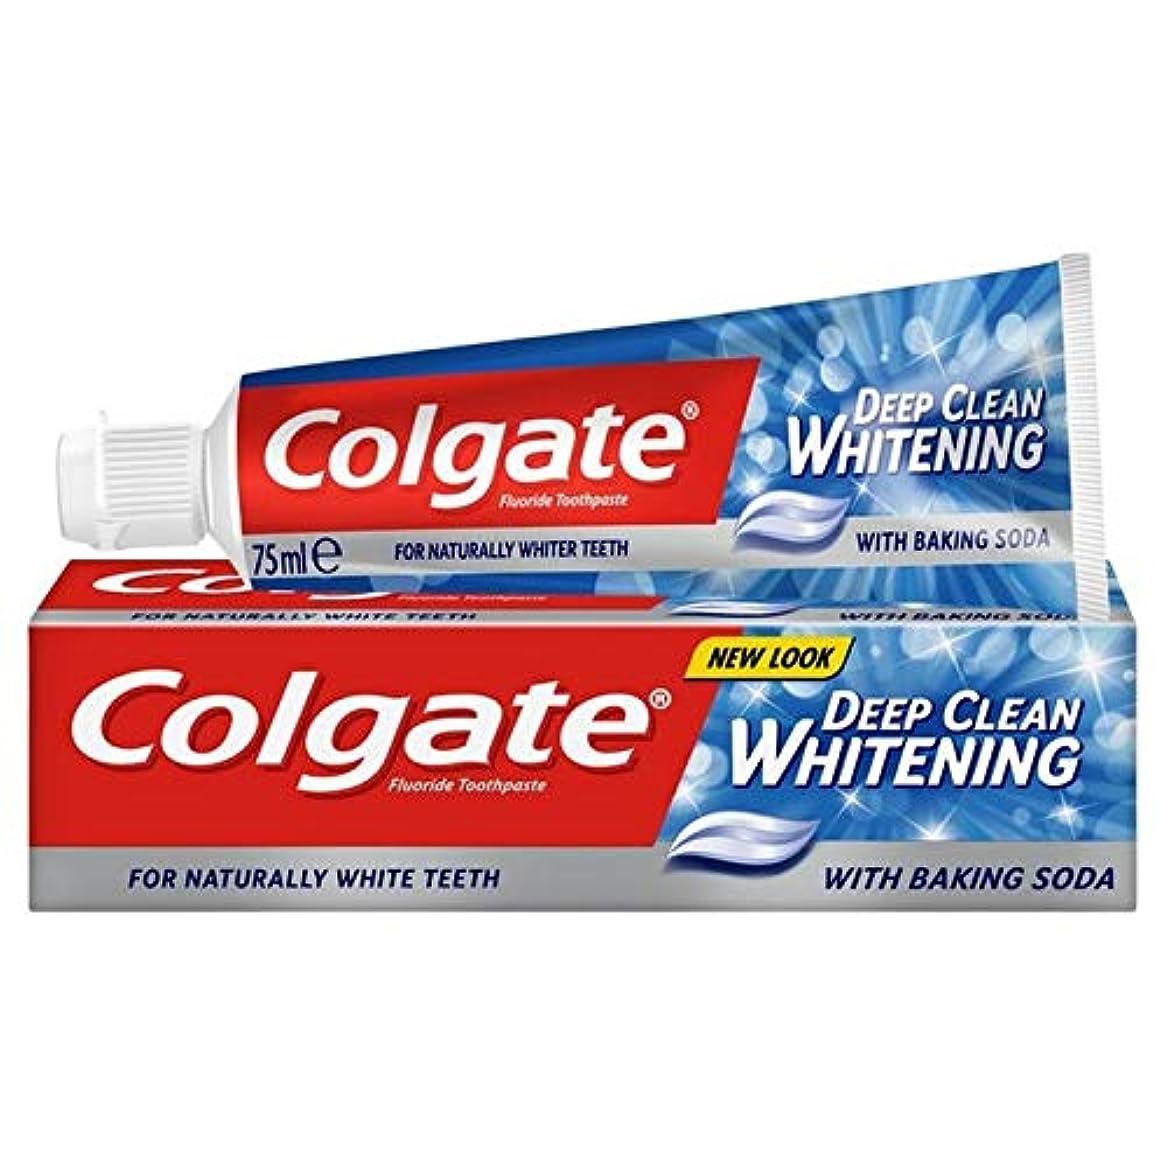 コンセンサス排除レイプ[Colgate ] コルゲート深いクリーンホワイトニング歯磨き粉75ミリリットル - Colgate Deep Clean Whitening Toothpaste 75ml [並行輸入品]